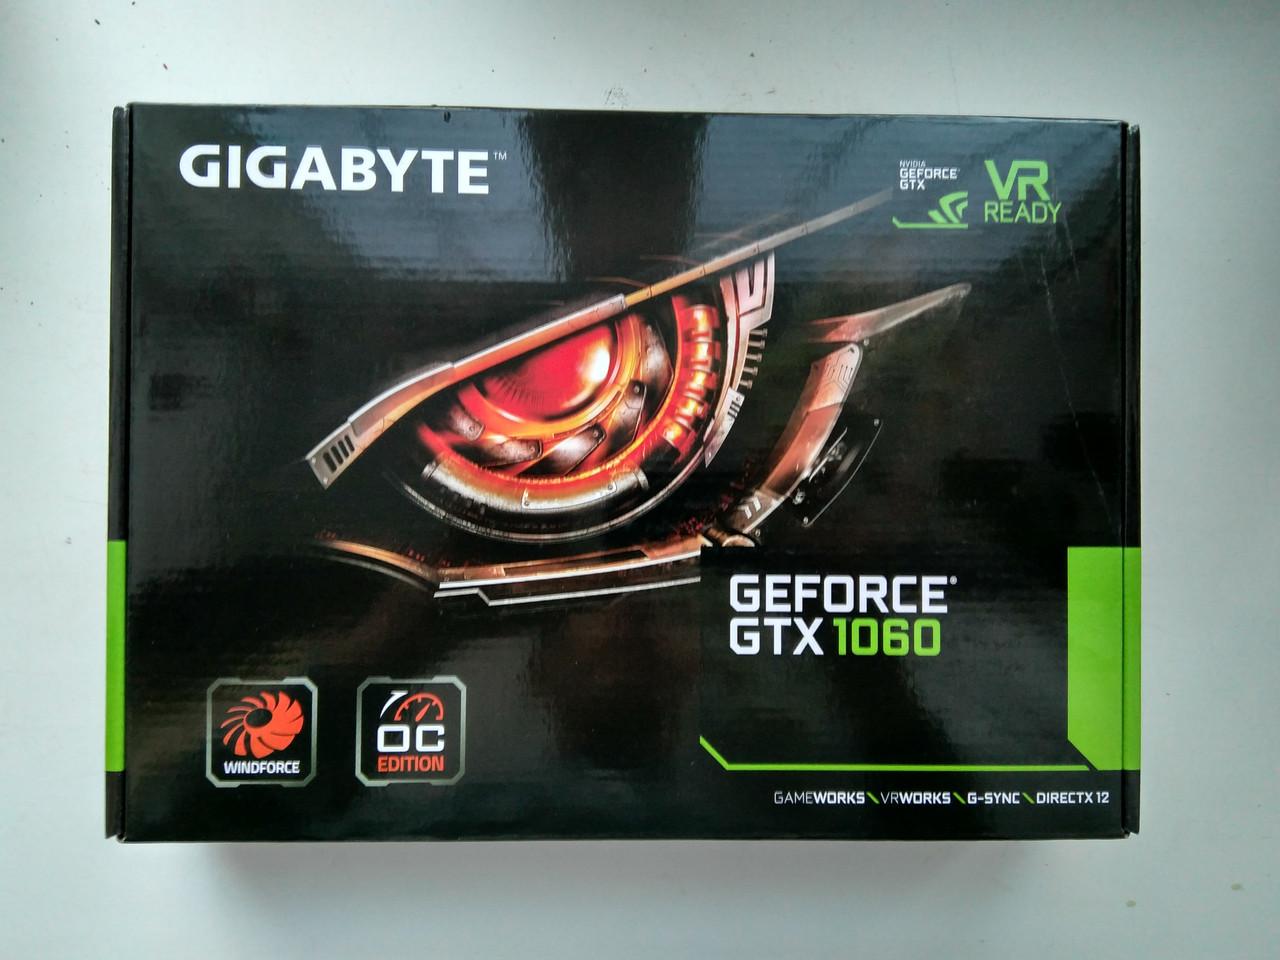 Видеокарта GIGABYTE GeForce GTX 1060 WINDFORCE OC 3G (GV-N1060WF2OC-3GD)